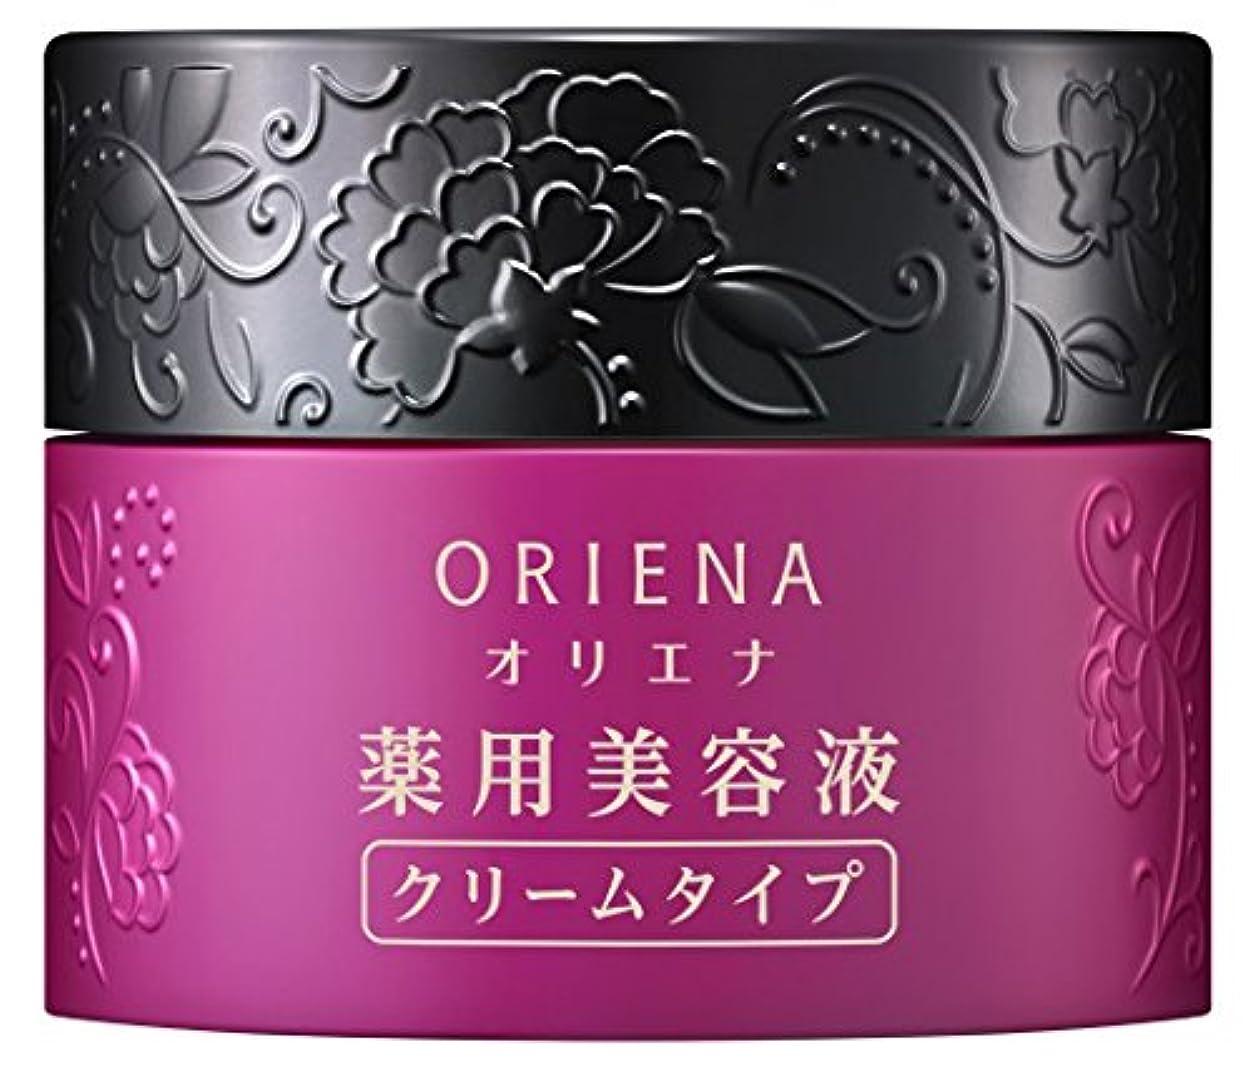 歯科の無視する成長花王 オリエナ 薬用美容液 クリームタイプ 30g